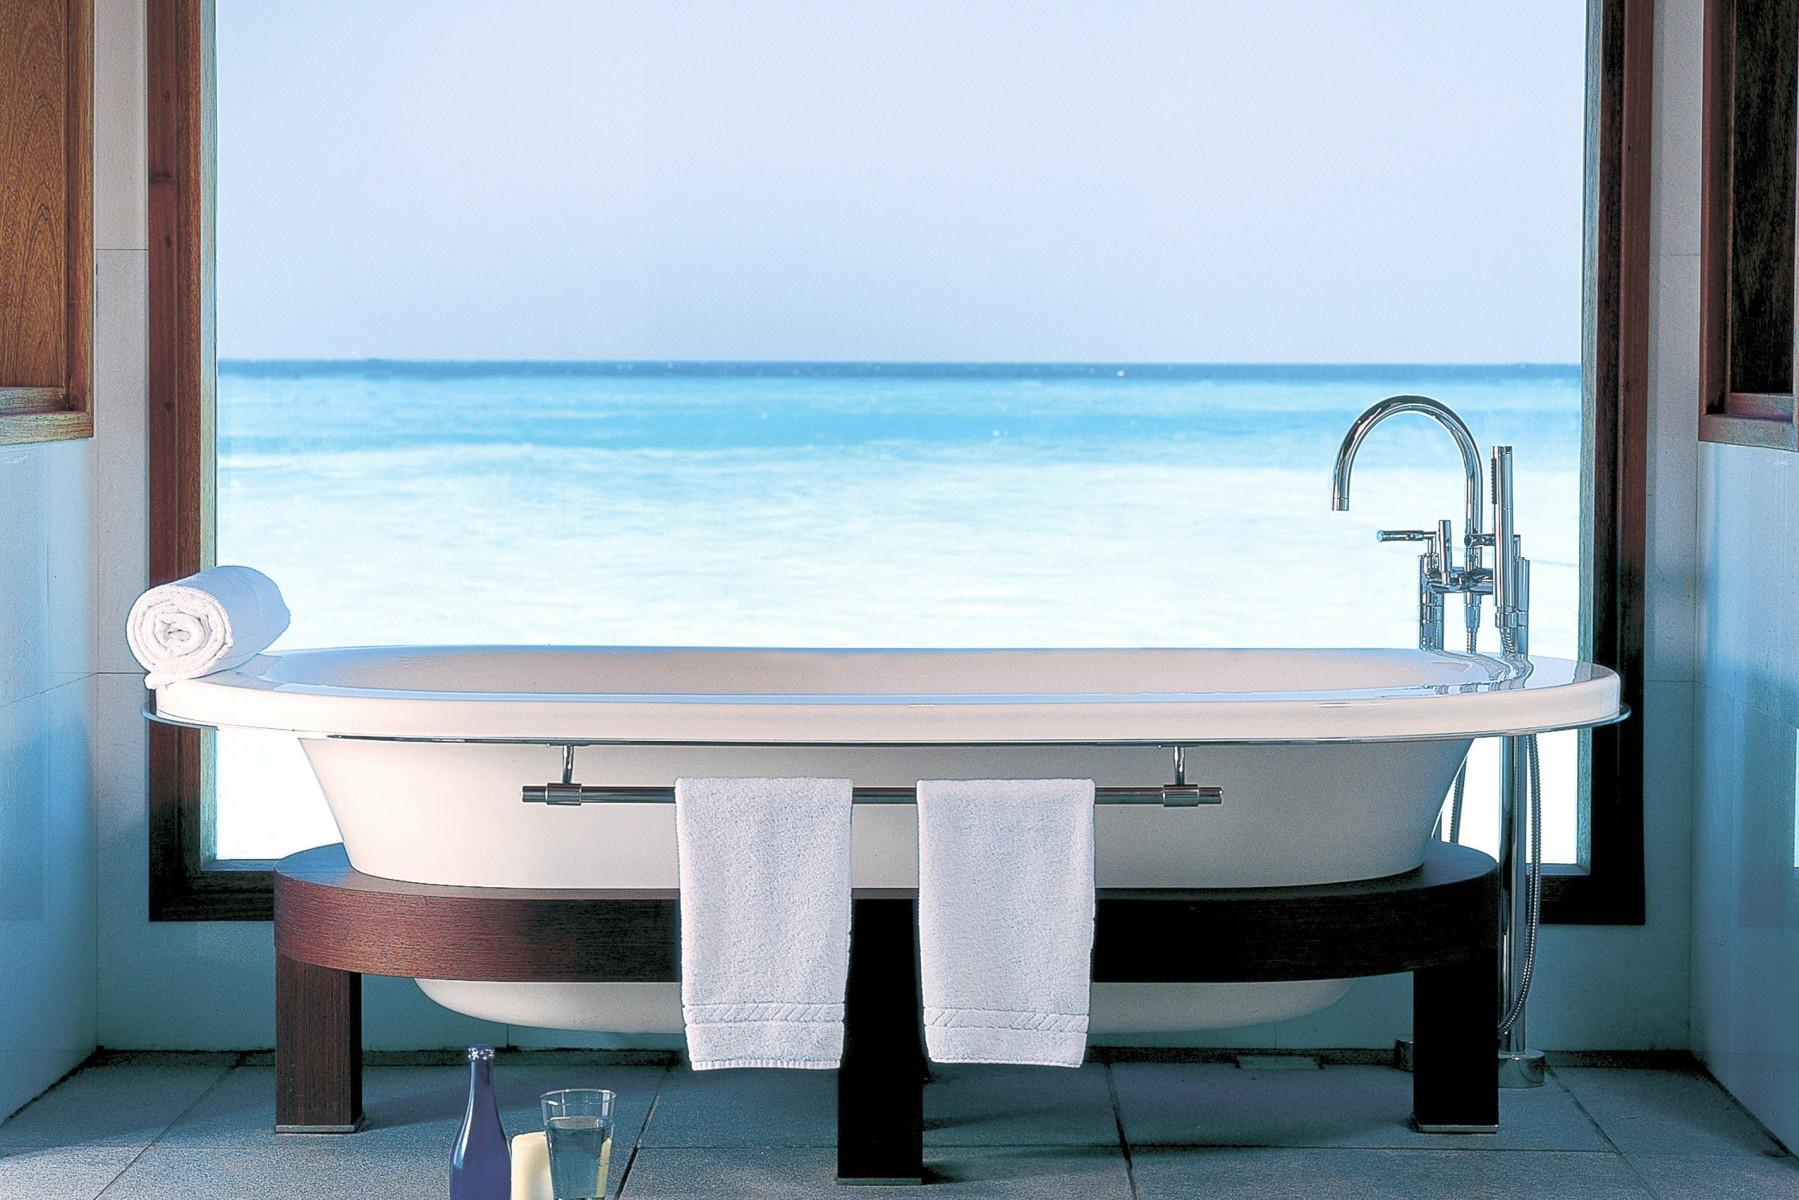 Una vista da favola tra le mille bolle blu 8 bagni davvero irresistibili - Bagno da favola ...